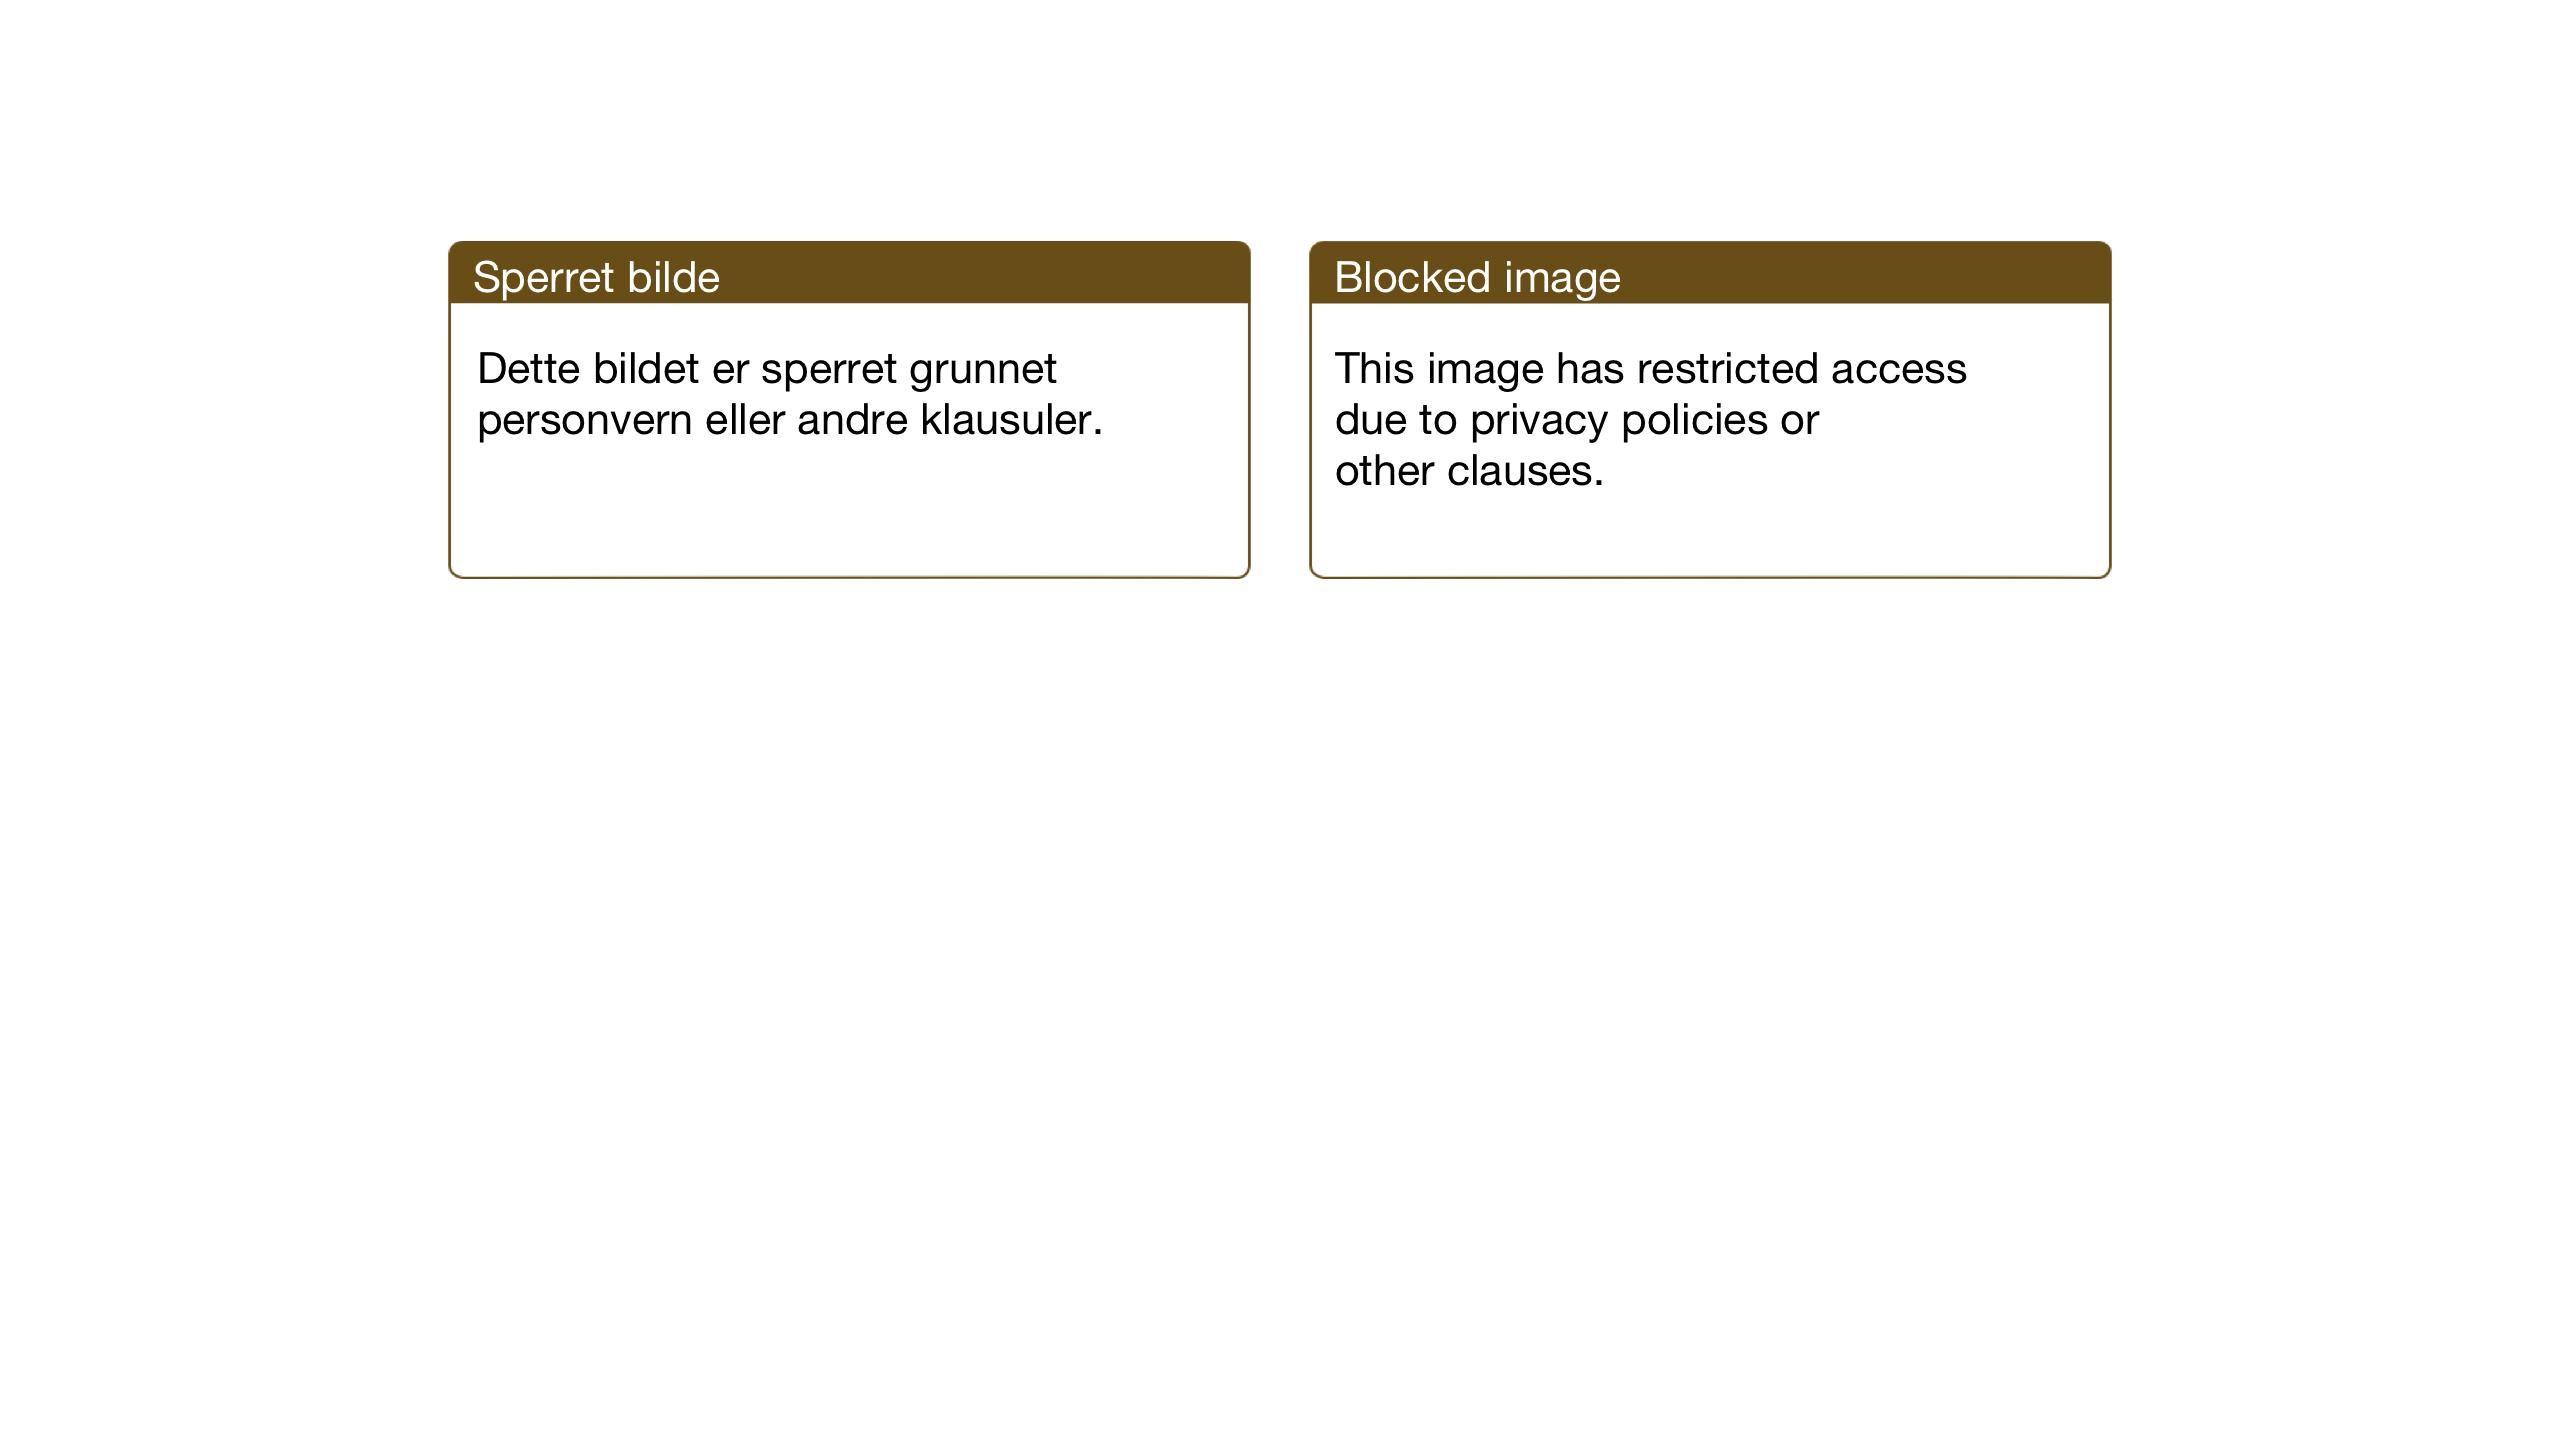 SAT, Ministerialprotokoller, klokkerbøker og fødselsregistre - Sør-Trøndelag, 618/L0454: Klokkerbok nr. 618C05, 1926-1946, s. 56